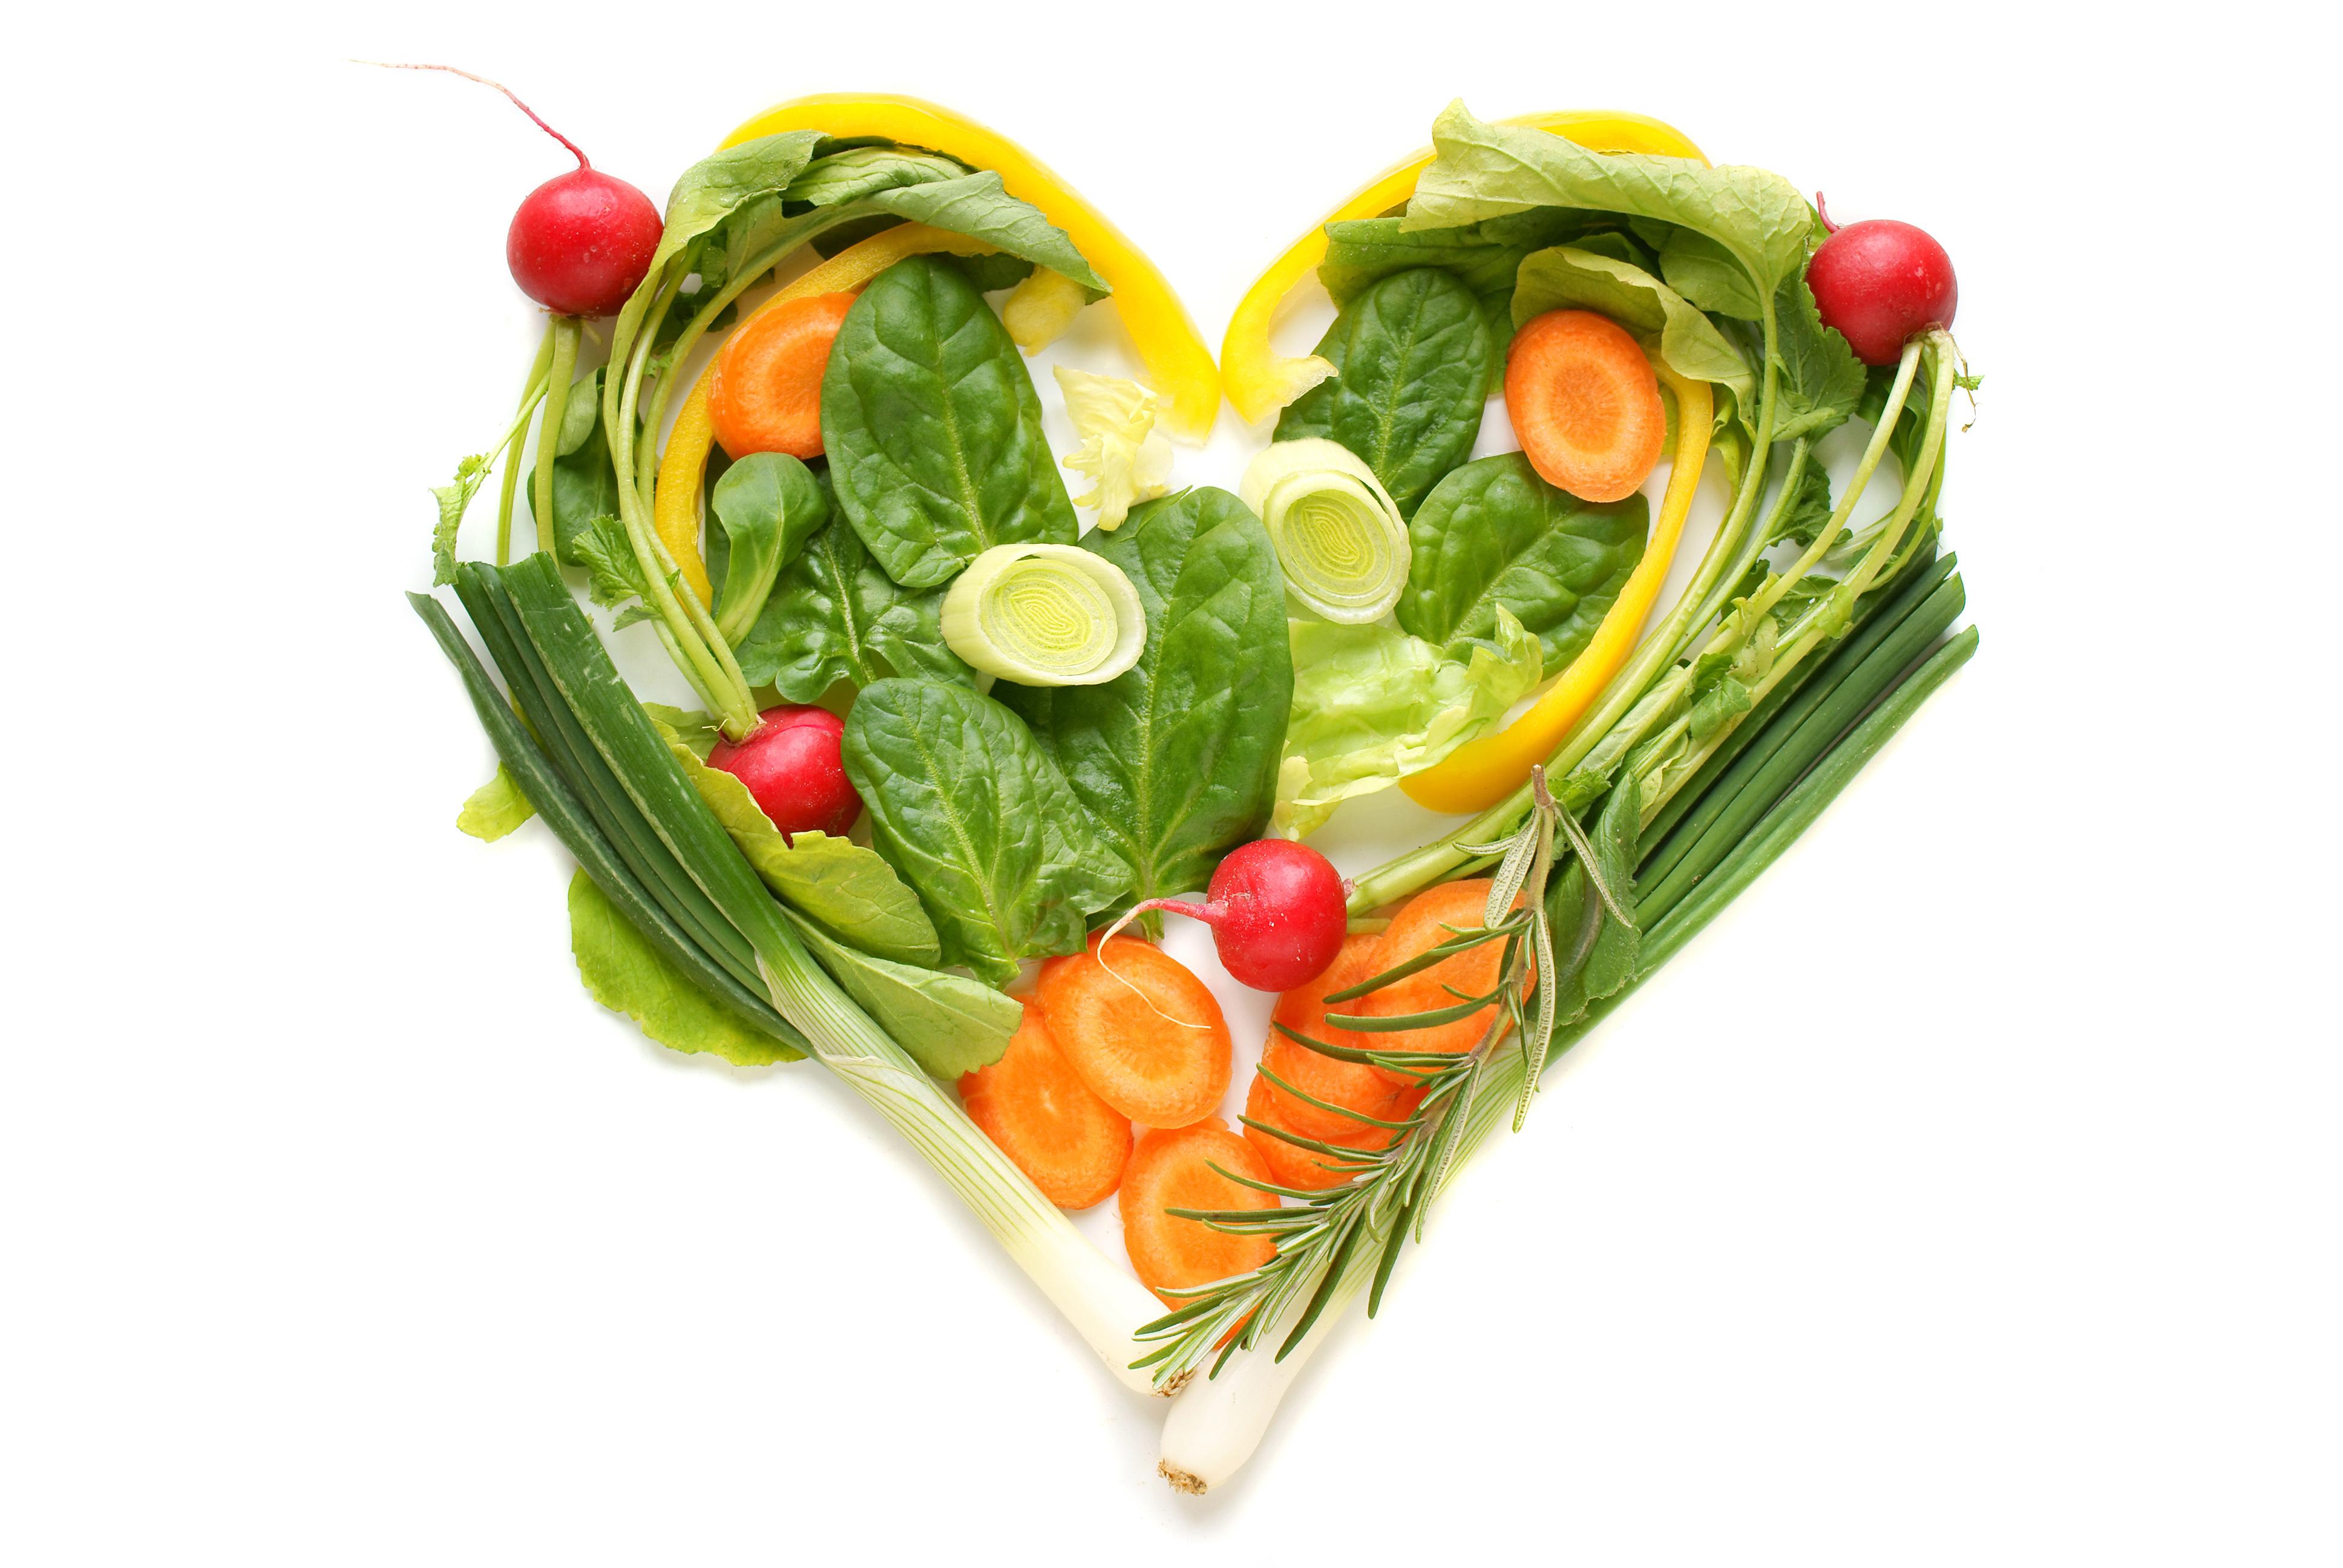 Dieta vegetariana poate ajuta la scaderea tensiunii arteriale